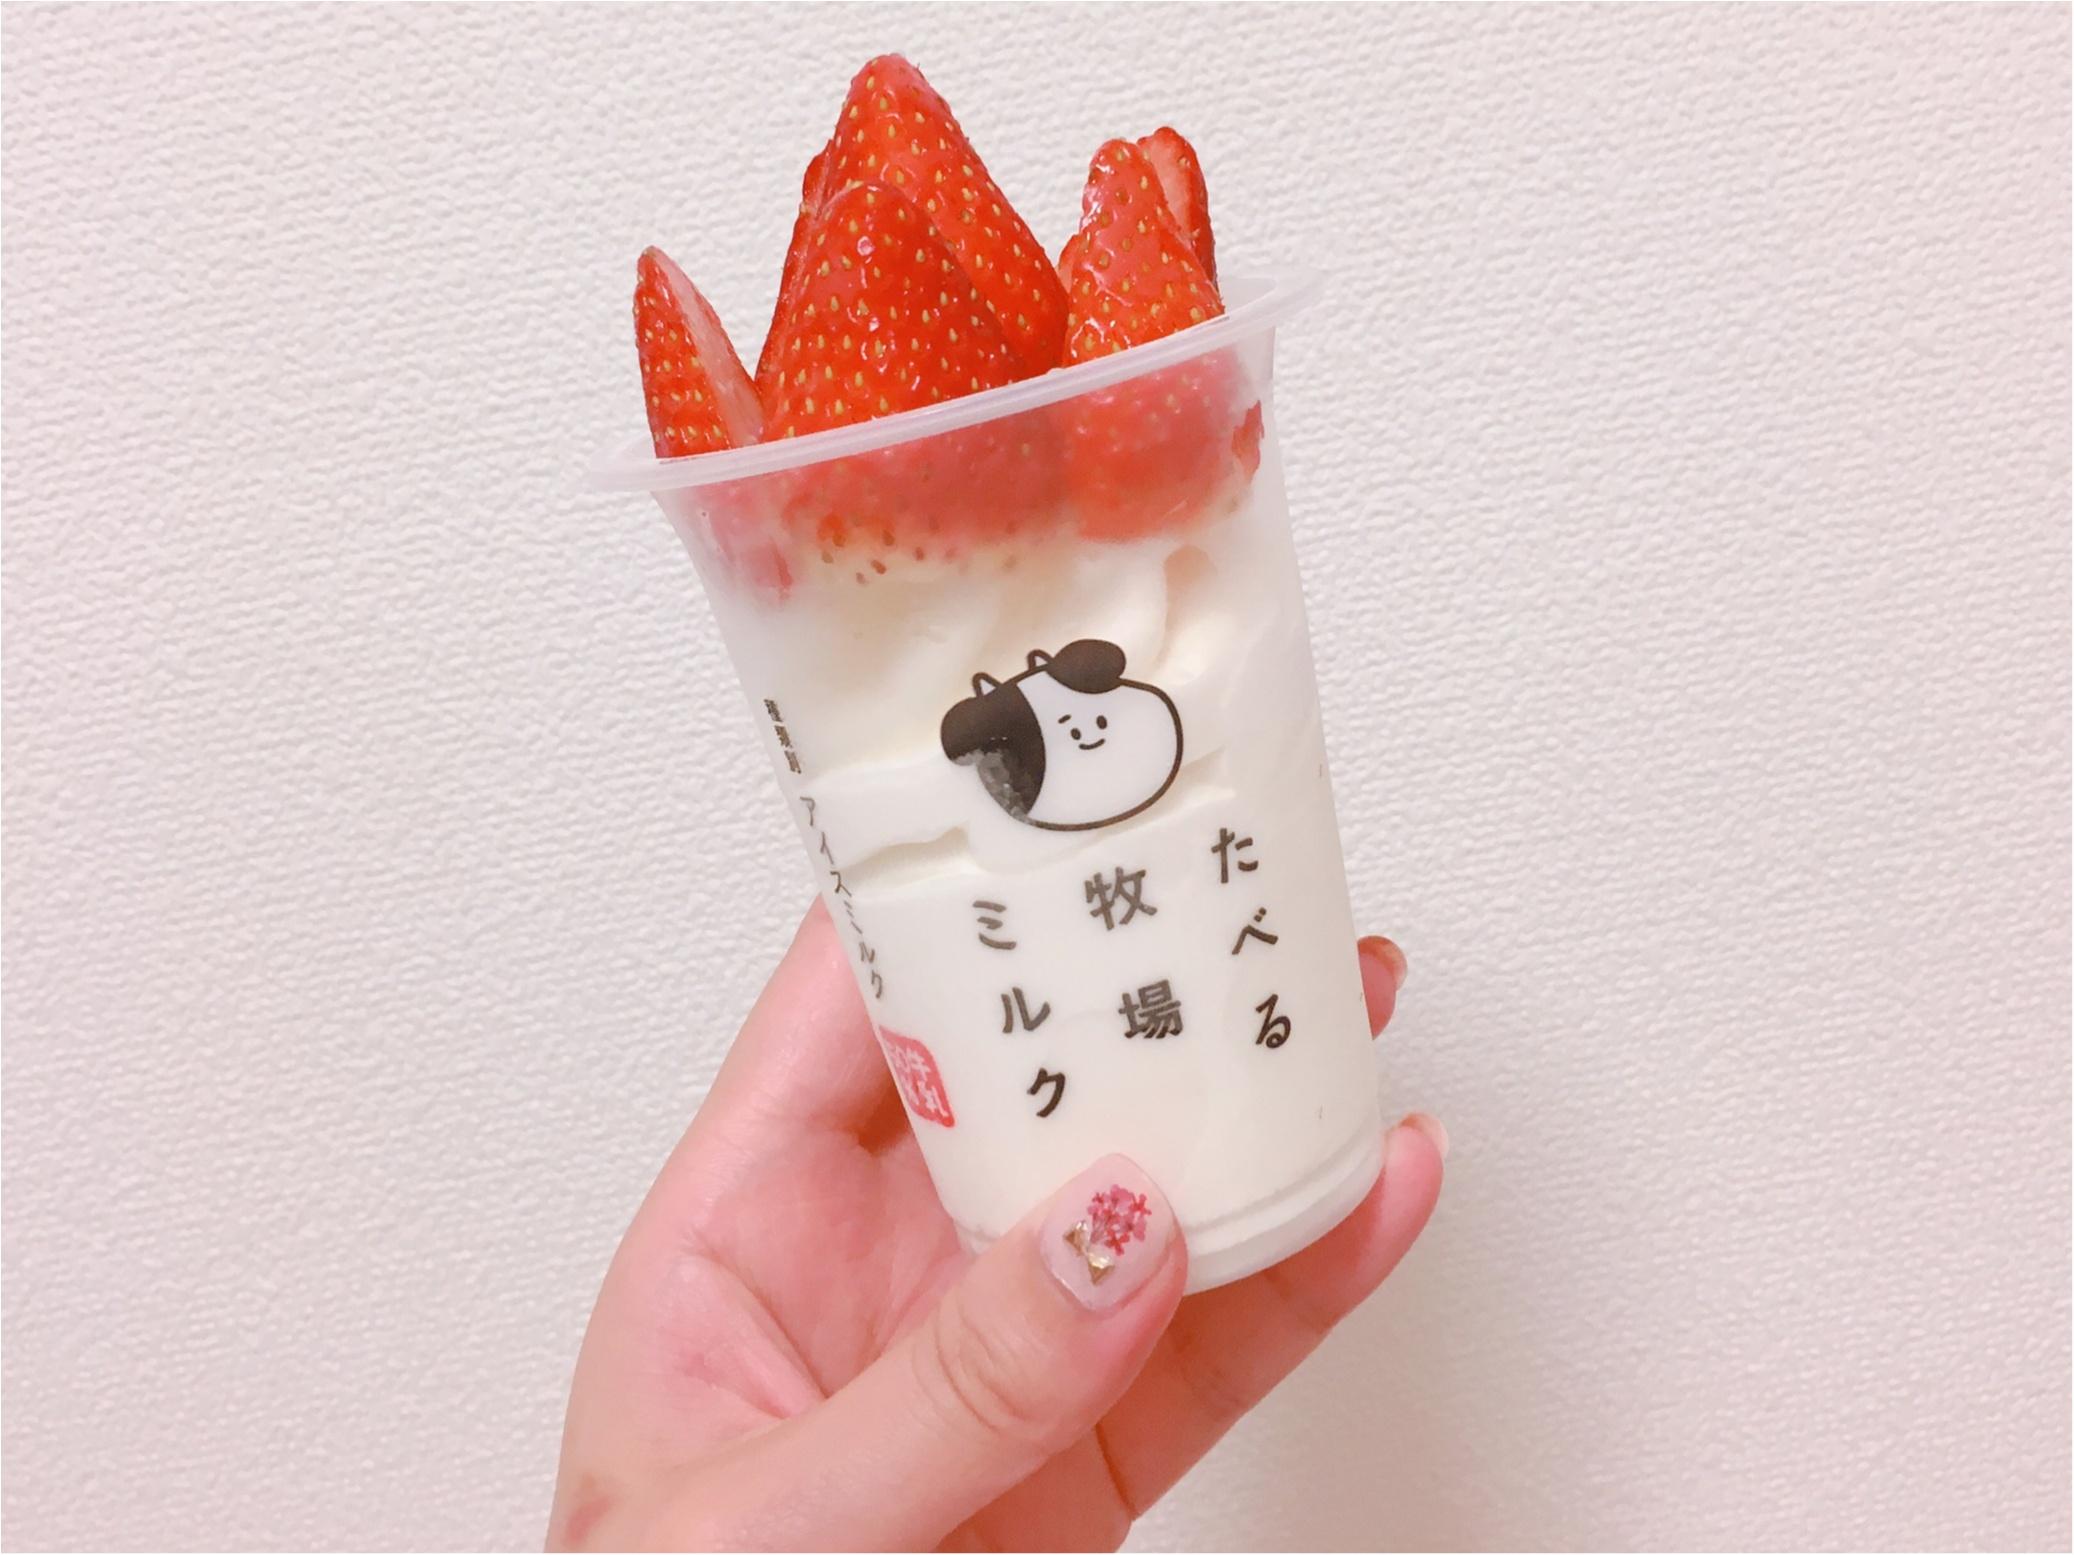 【ファミリーマート】話題のアイス『たべる牧場ミルク』がゆるかわいい!見つけたら即ゲットして‼︎_2